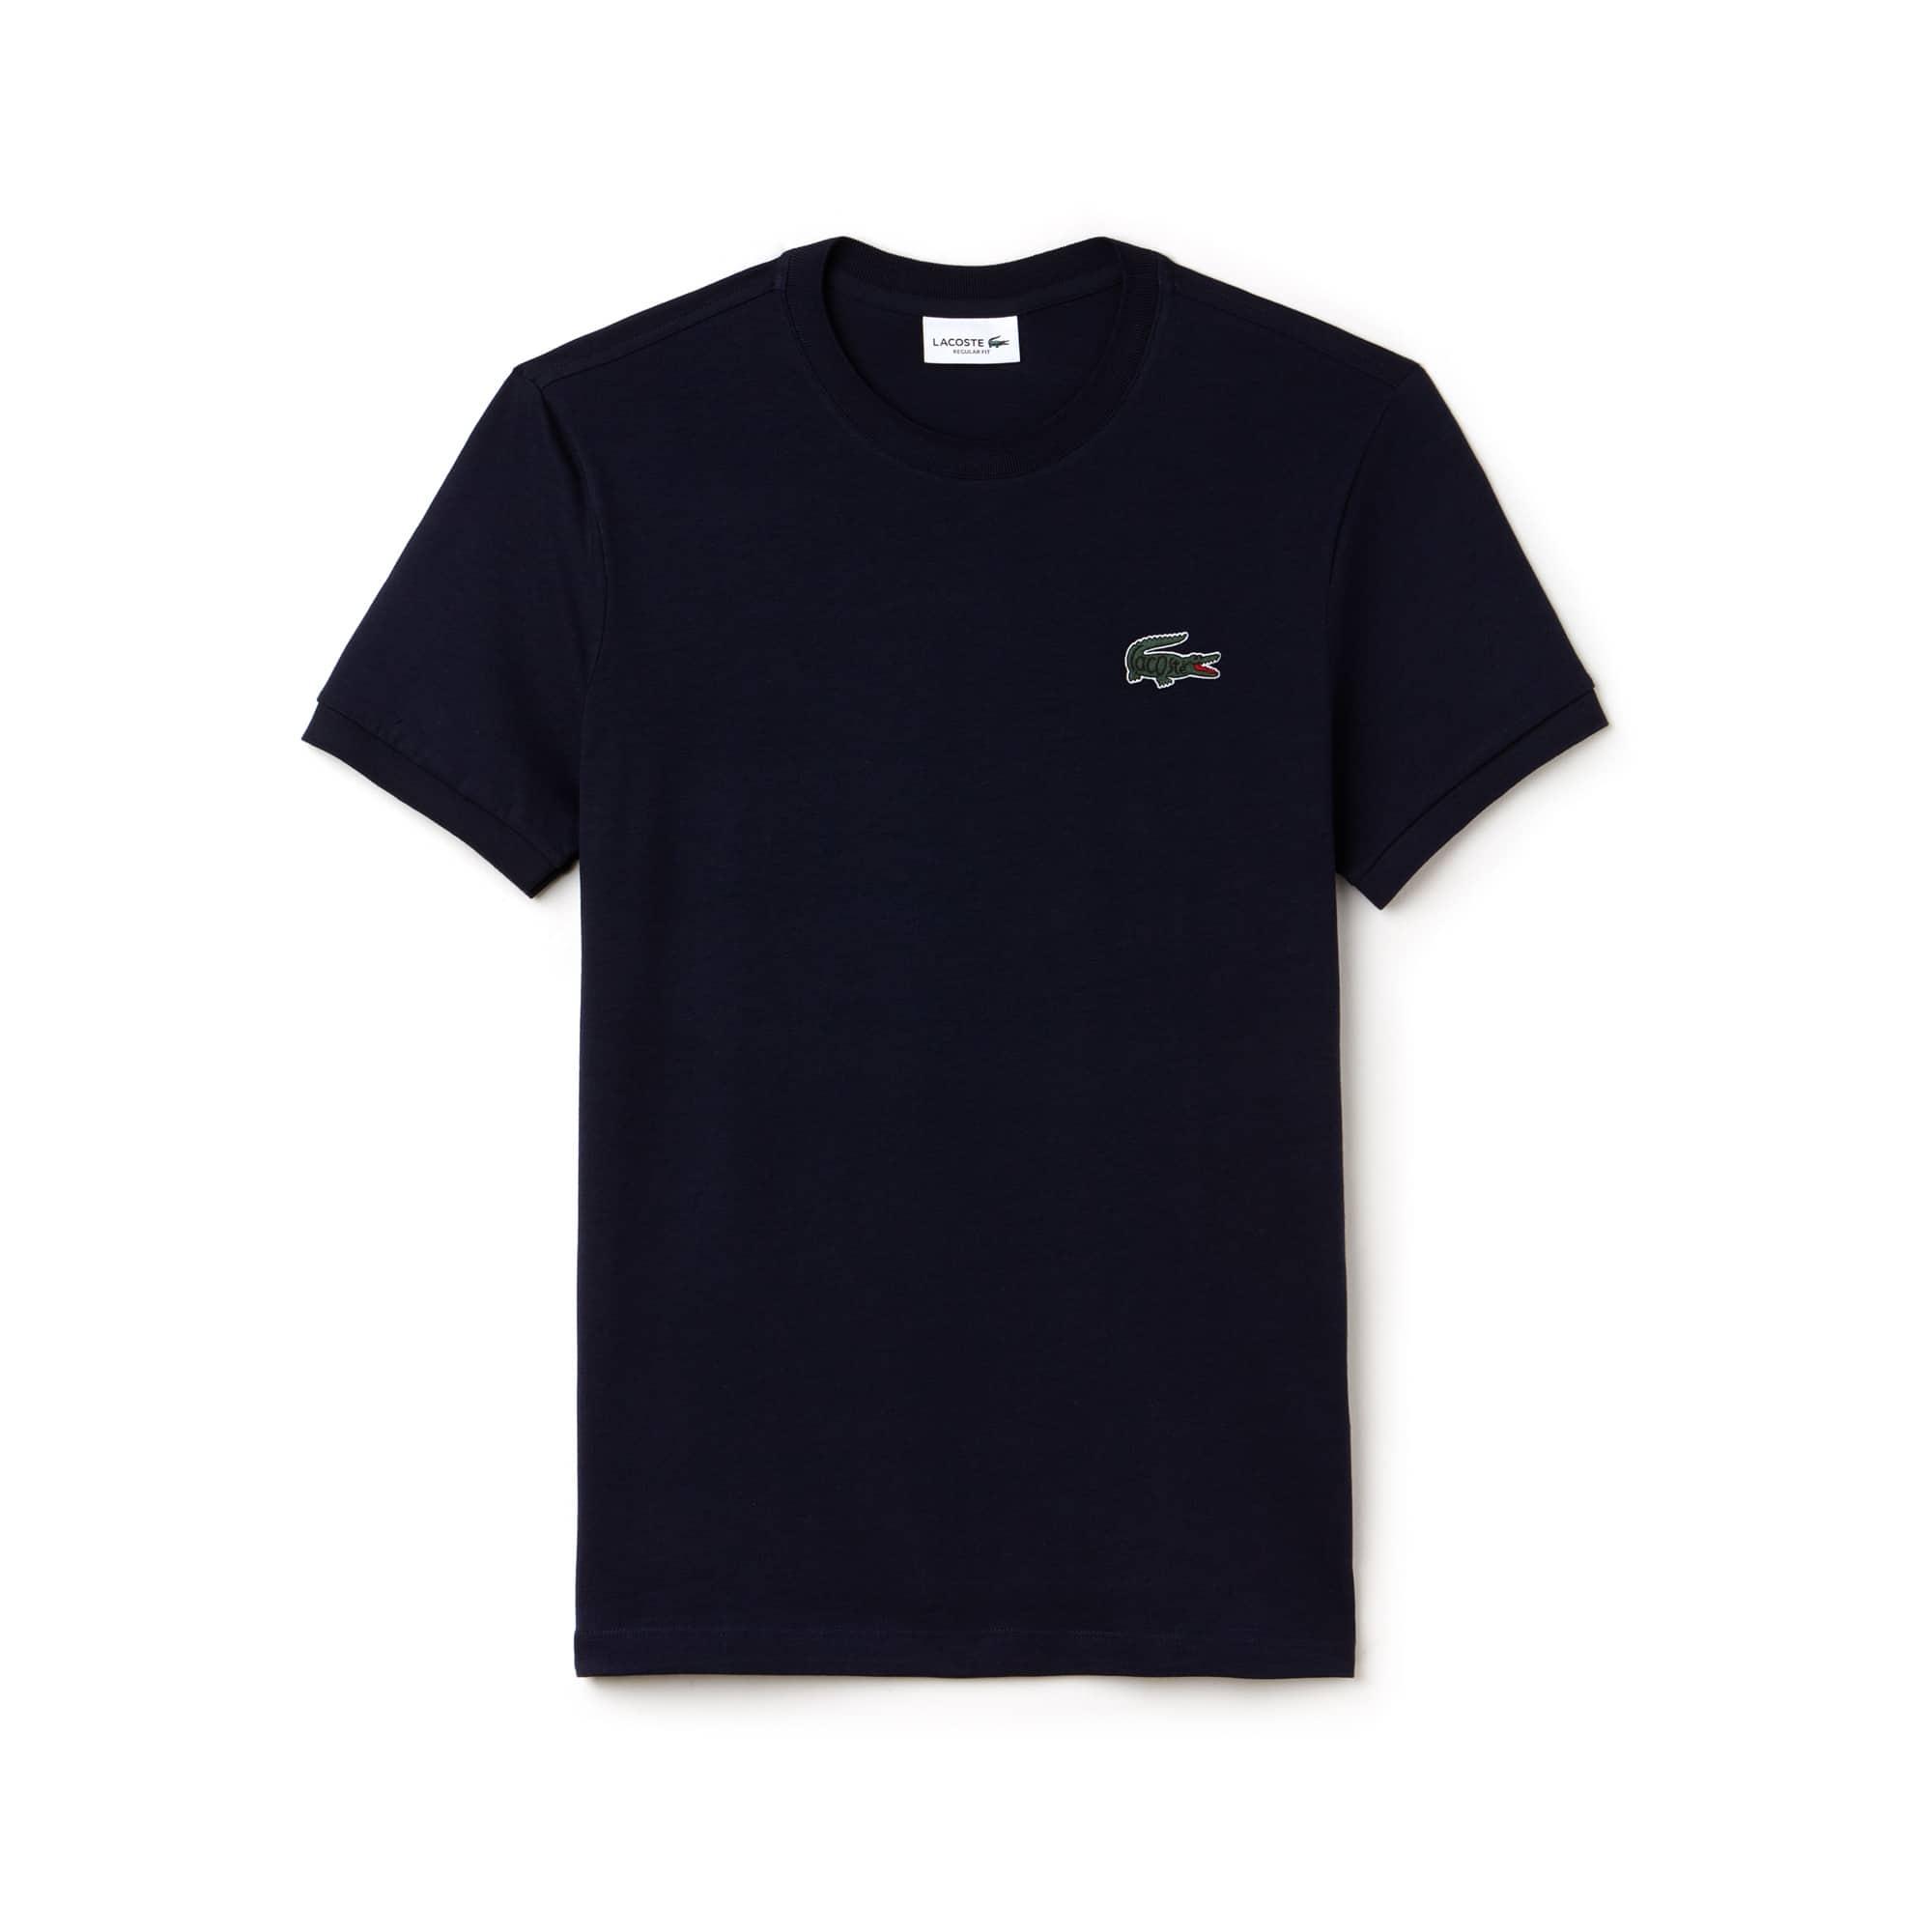 Camiseta de cuello redondo de punto jersey de algodón cocodrilo marcado Lacoste